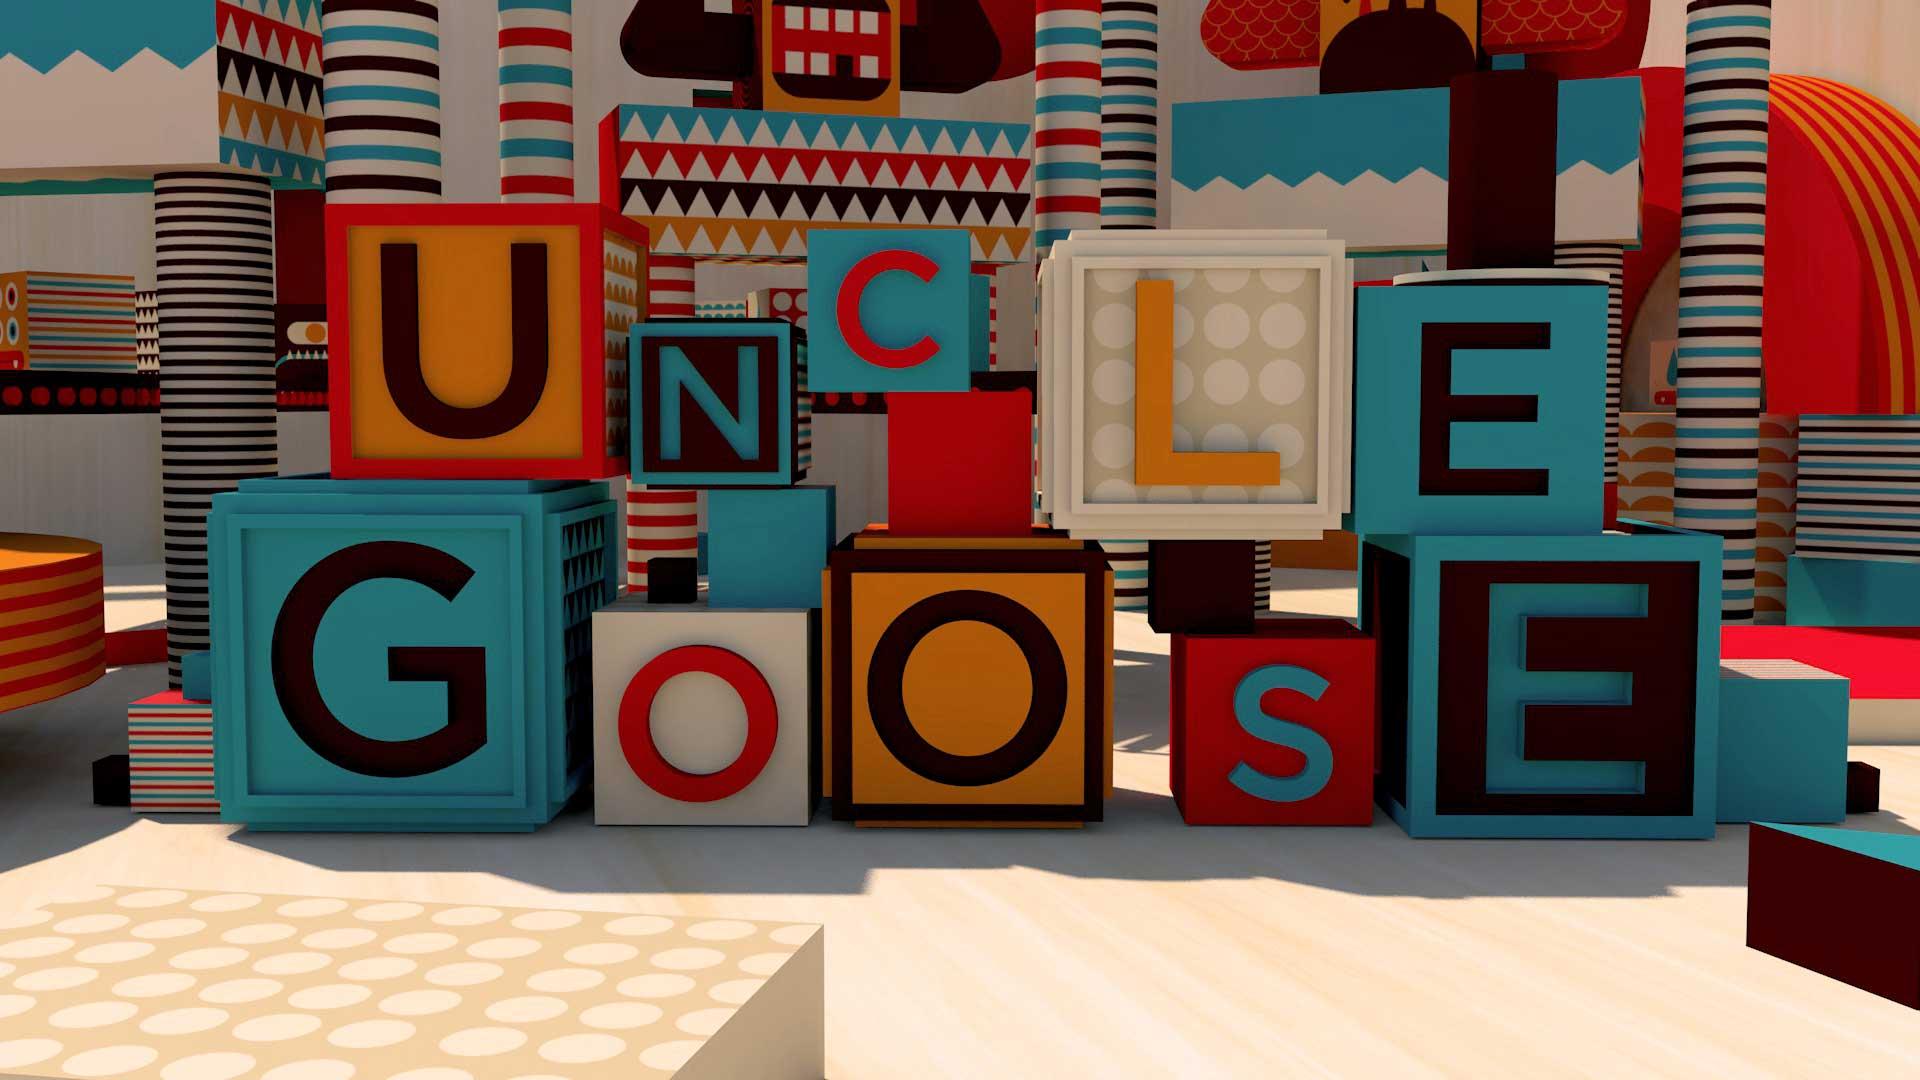 UncleGoose_05.jpg